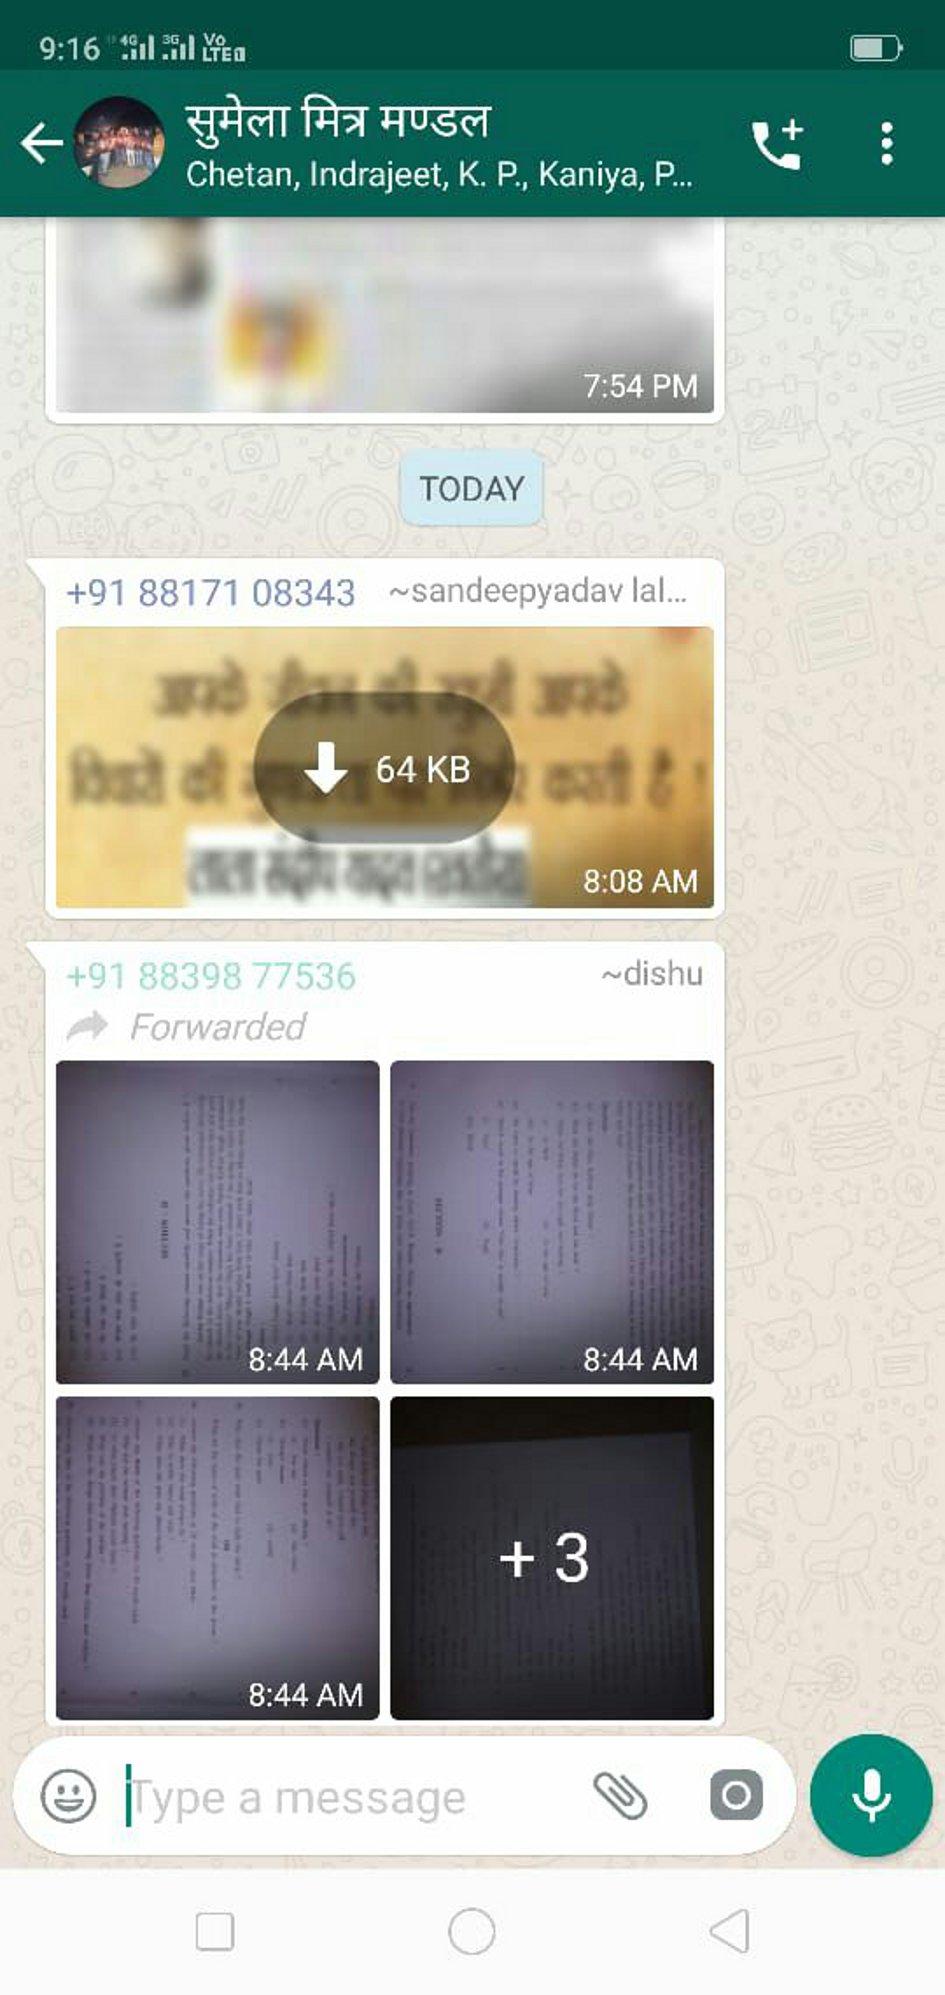 परीक्षा शुरू होने से पहले वाट्सएप ग्रुप पर आया अंग्रेजी का पेपर